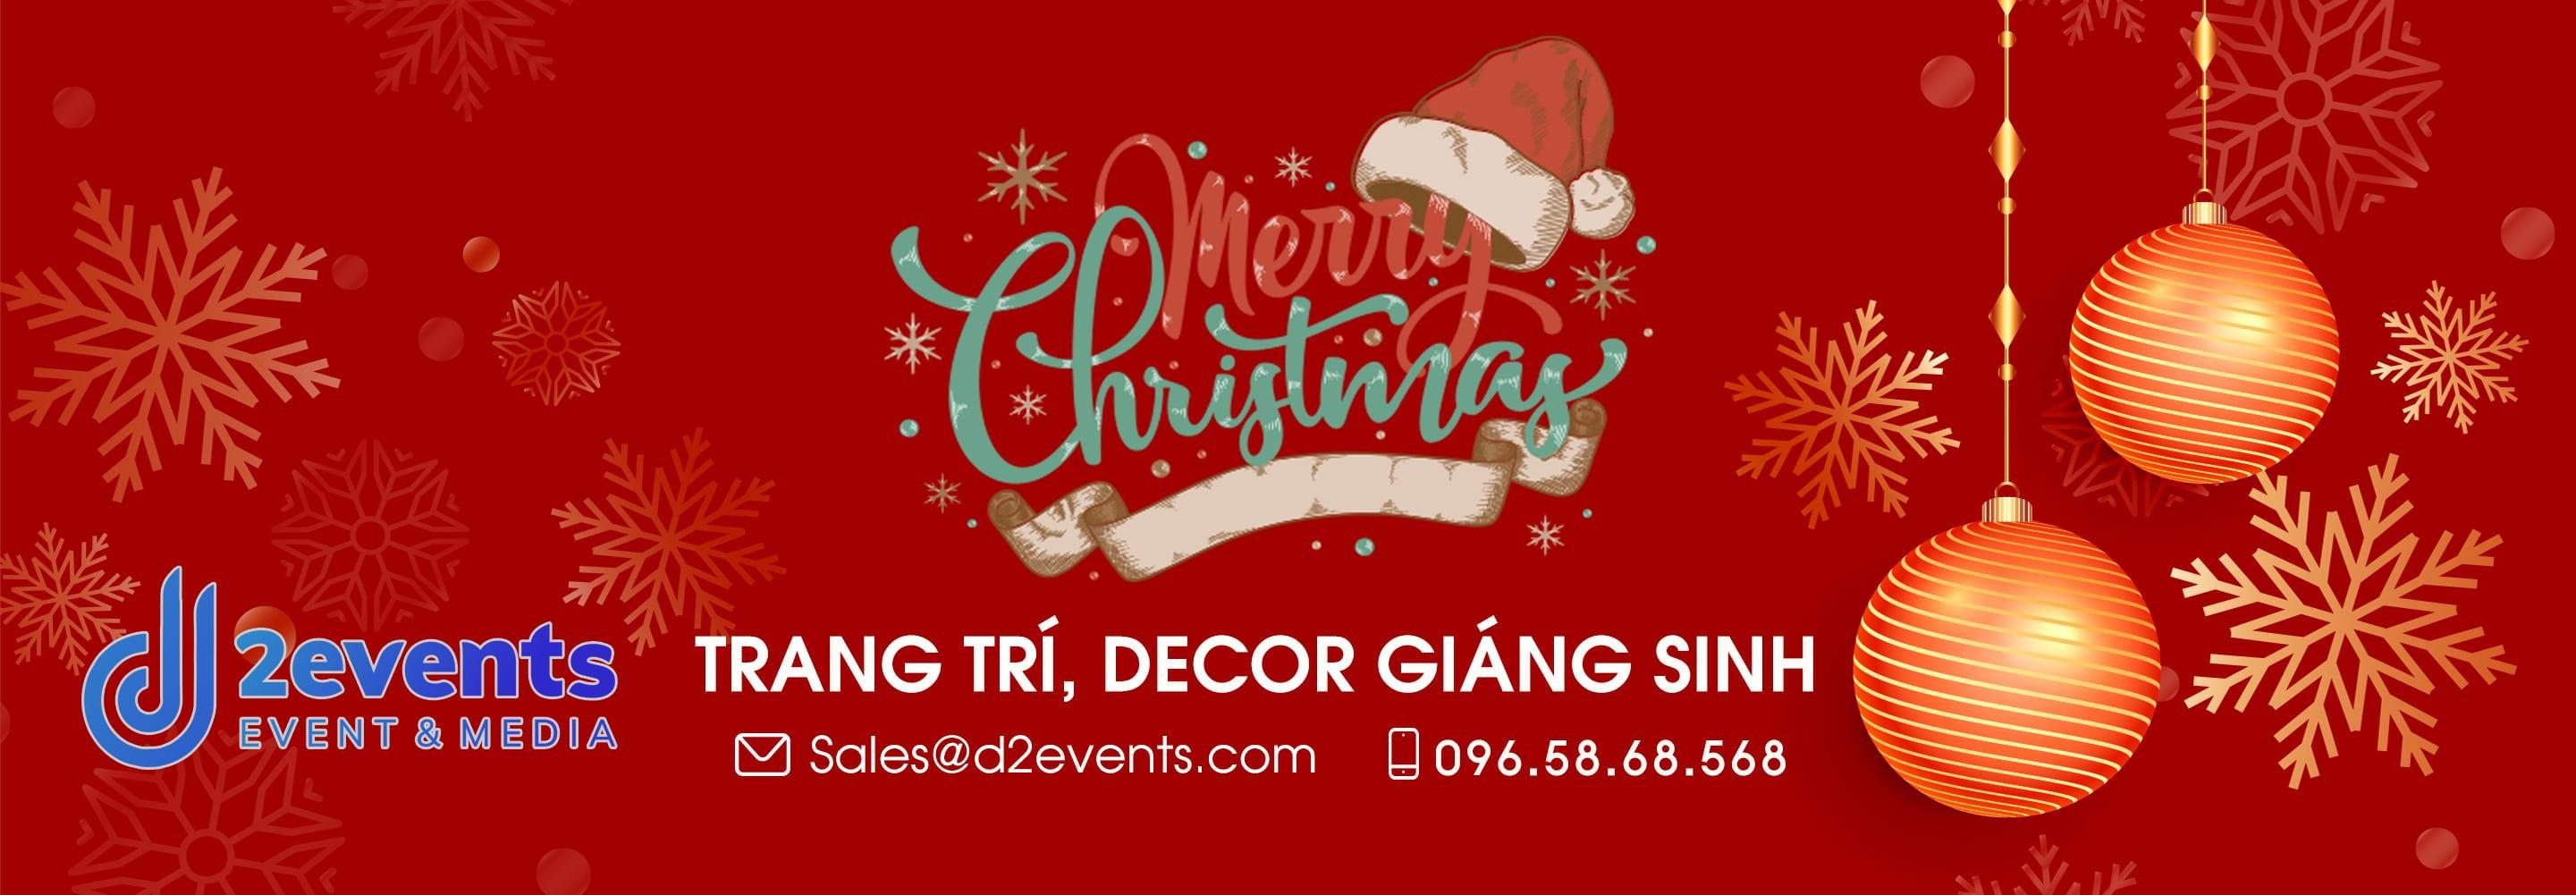 Trang trí giáng sinh tại Đà Nẵng Chuyên Nghiệp Thiết kế 3D